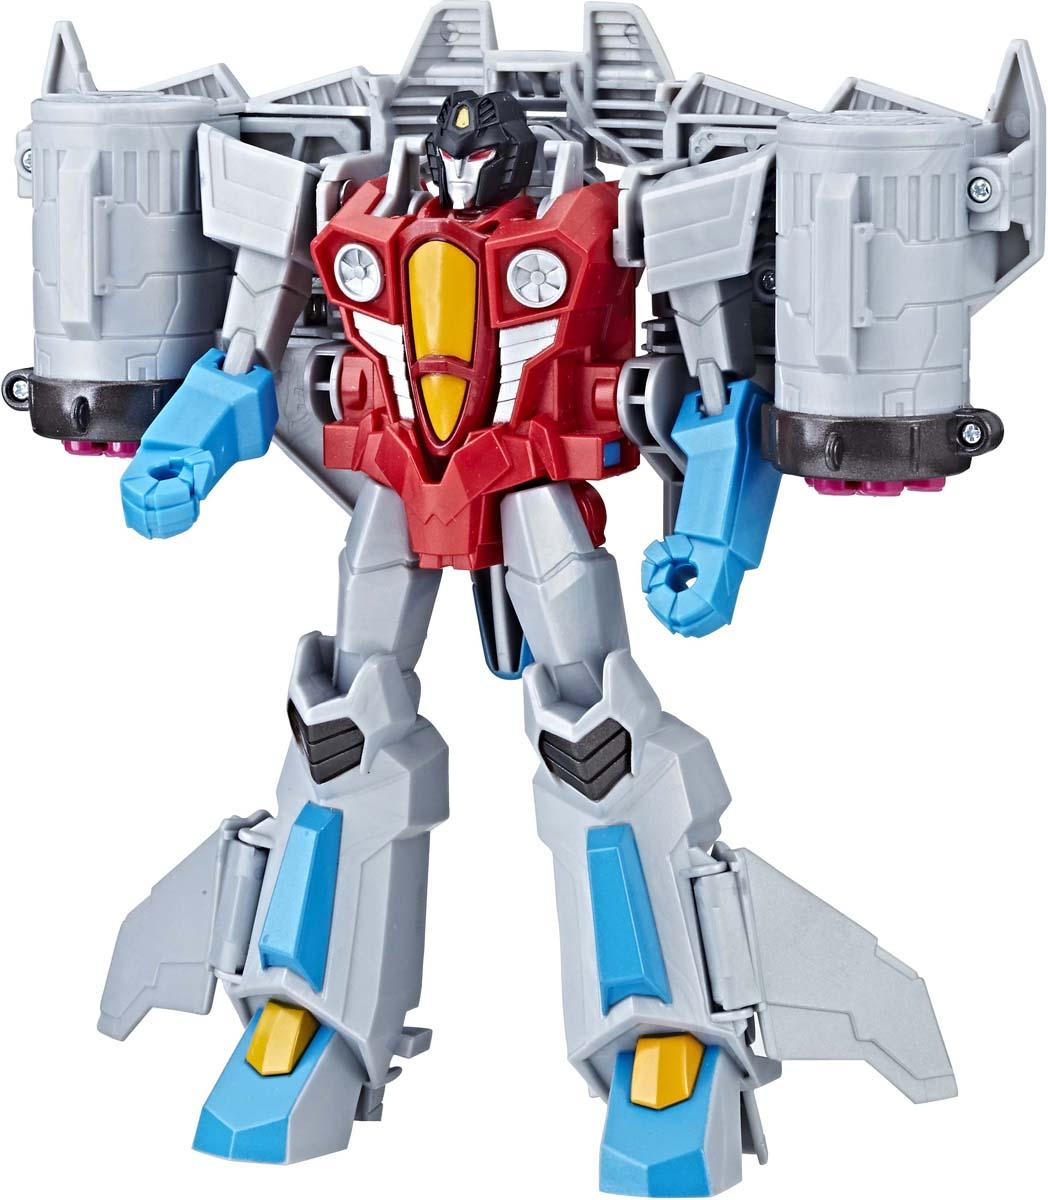 Игрушкатрансформер Transformers Кибервселенная, 19 см. E1886_E1906 transformers трансформер combiner force windblade